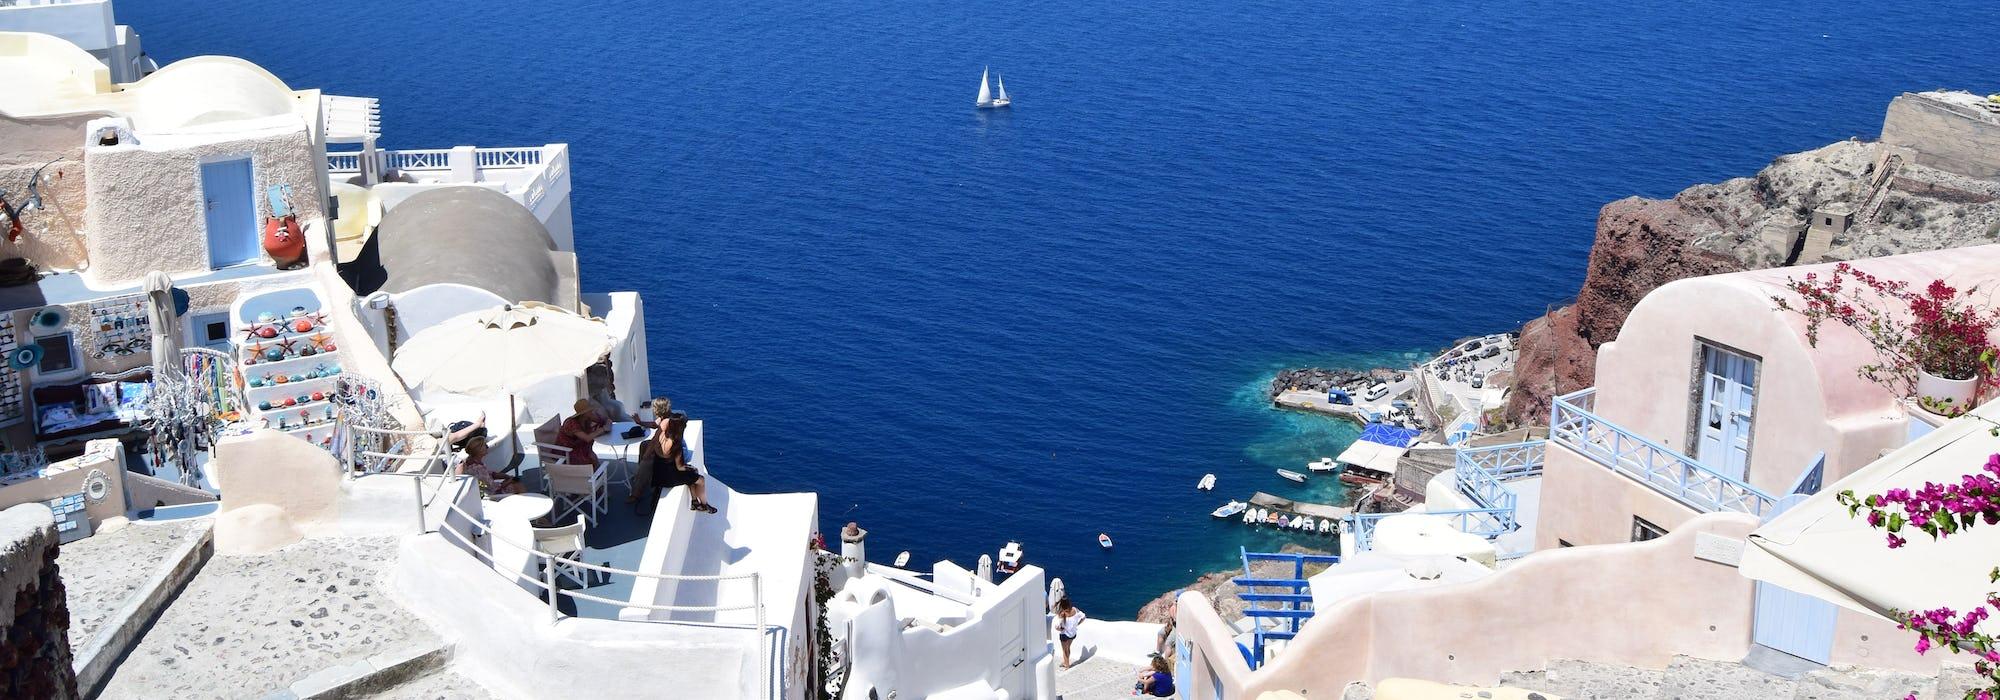 Vita byggnader i bakgrunden med klart blått vatten framför.